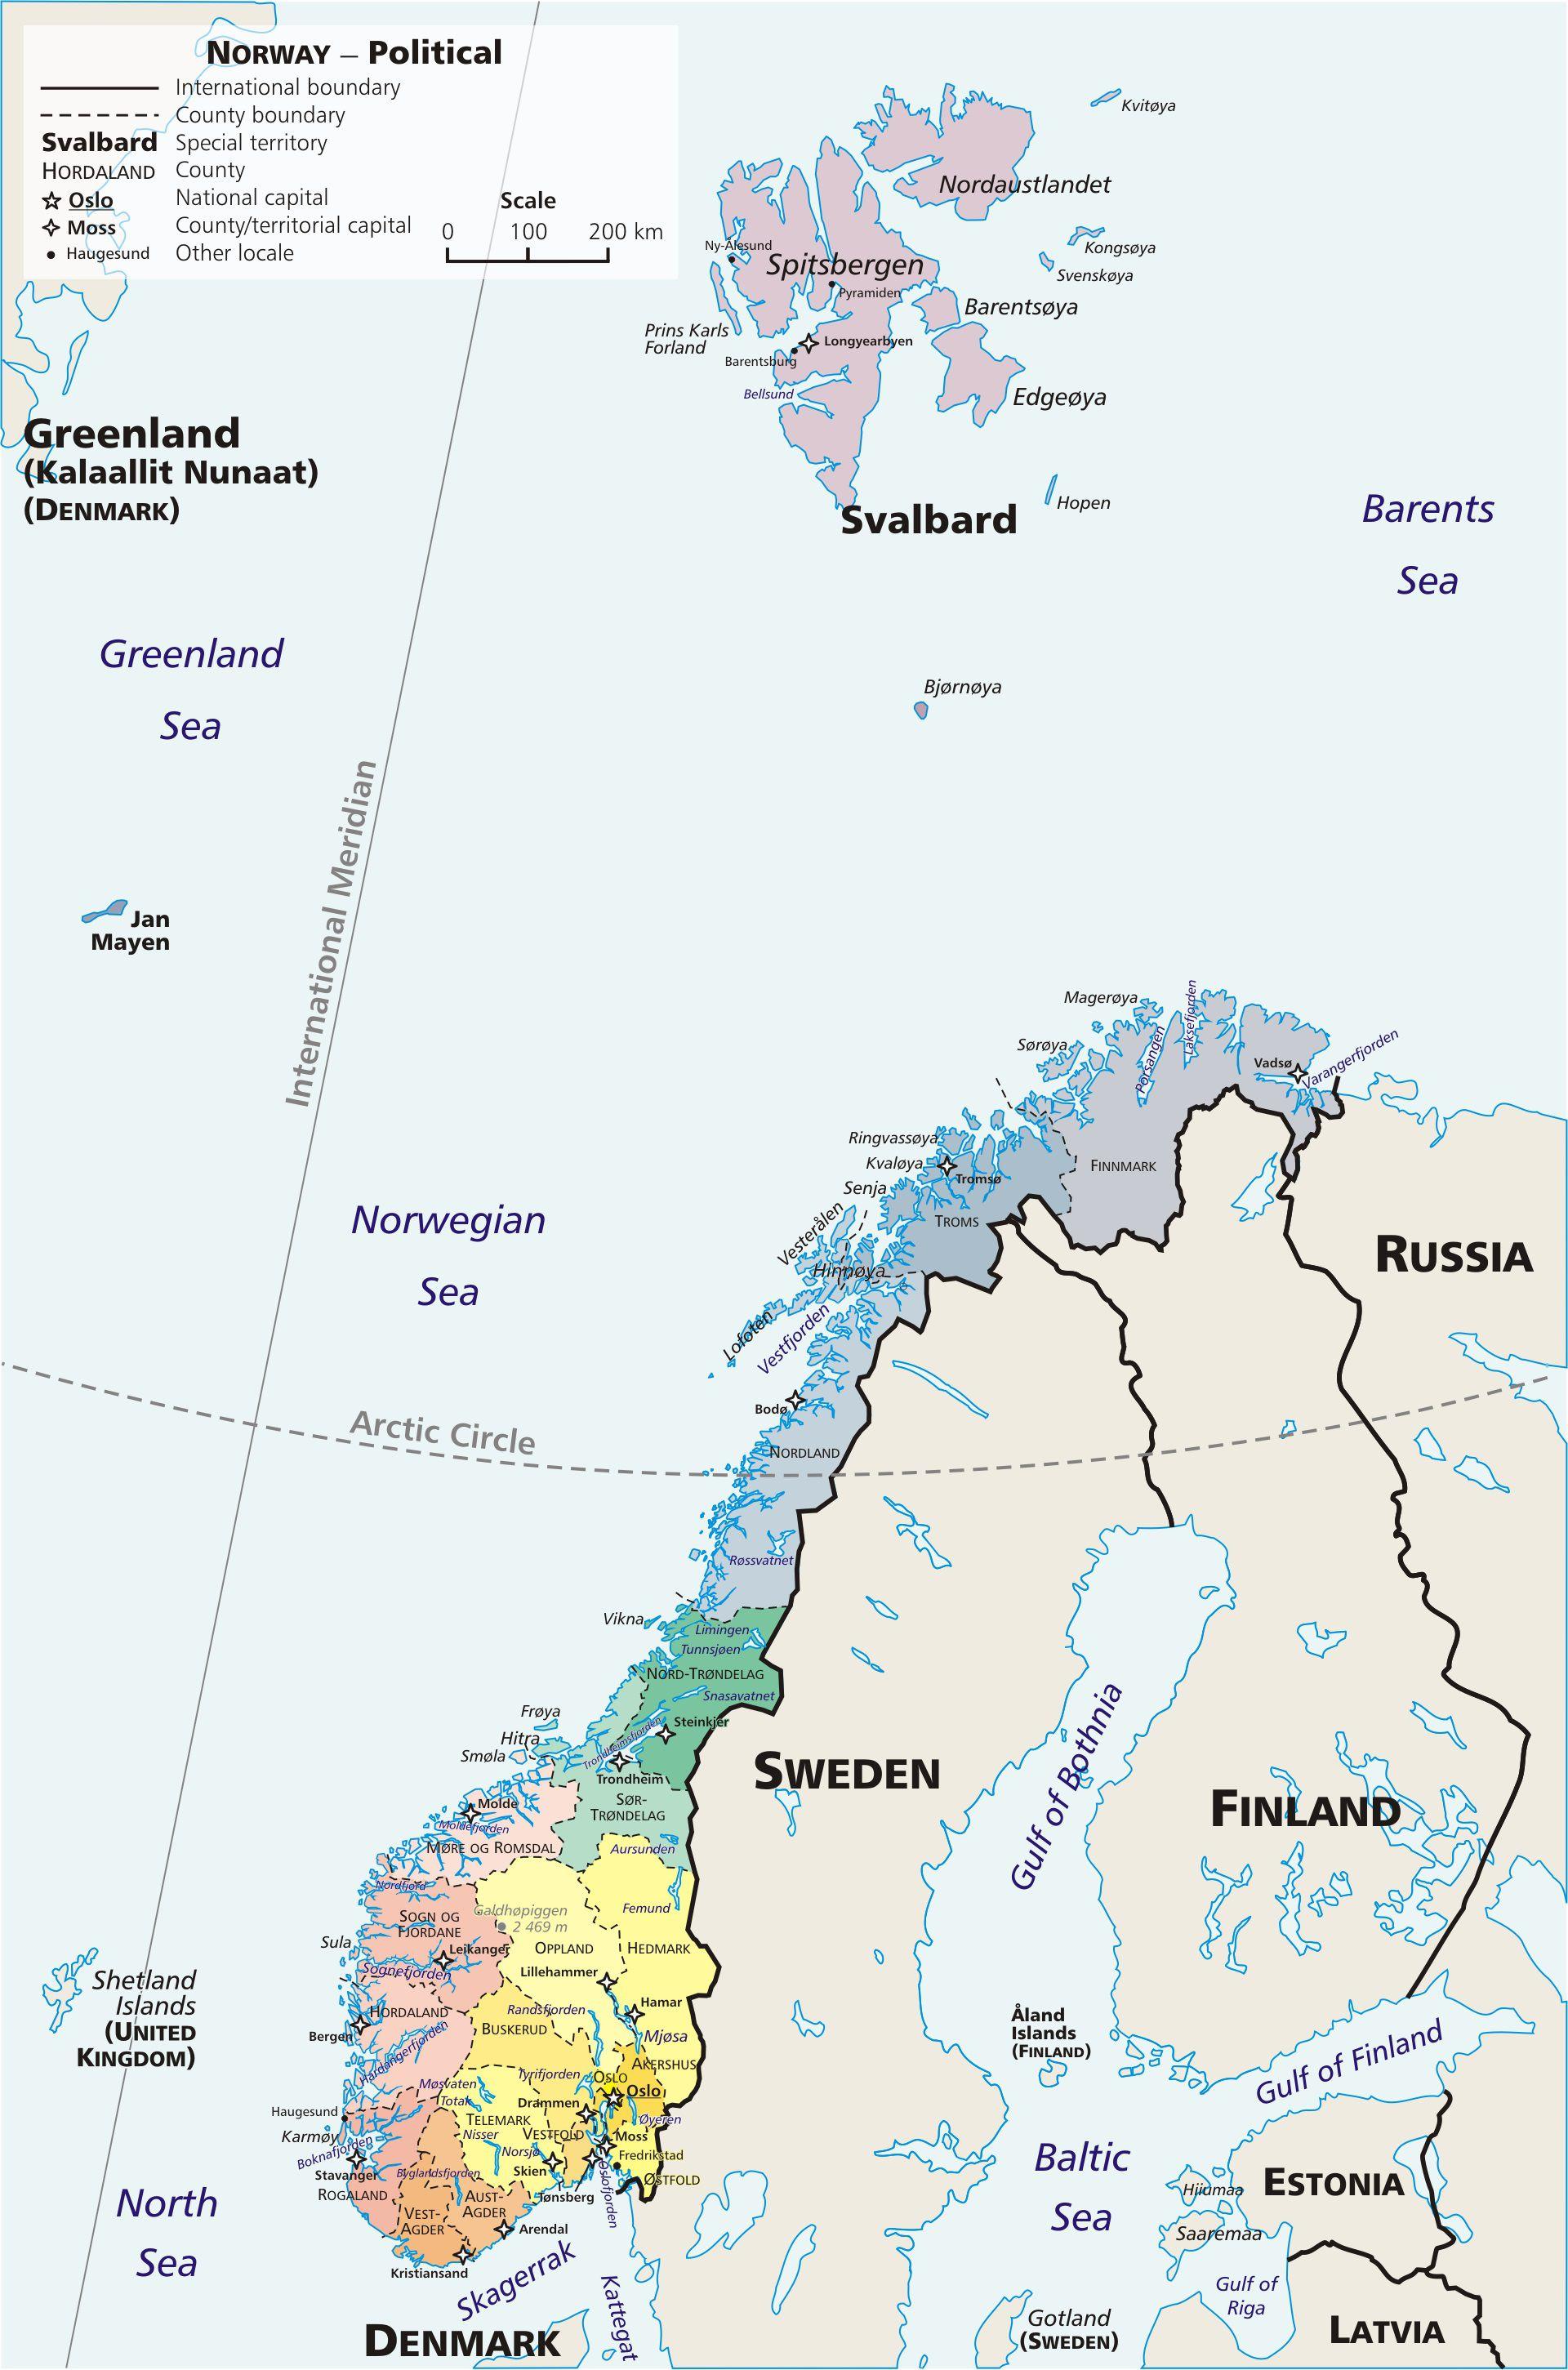 Carte de la Norvège - Politique